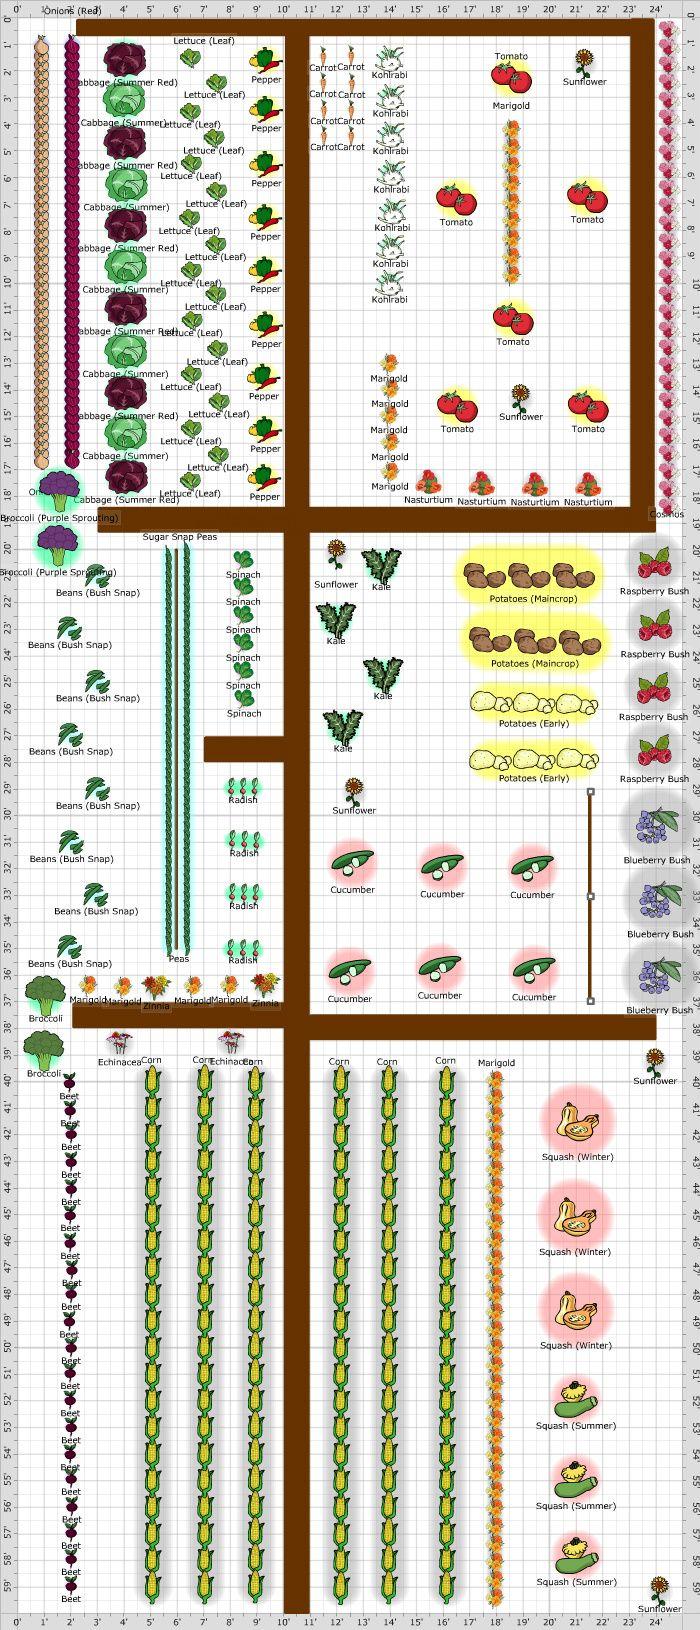 Summer Vegetable Garden Plans - Garden plan 2013 kings vegetable garden